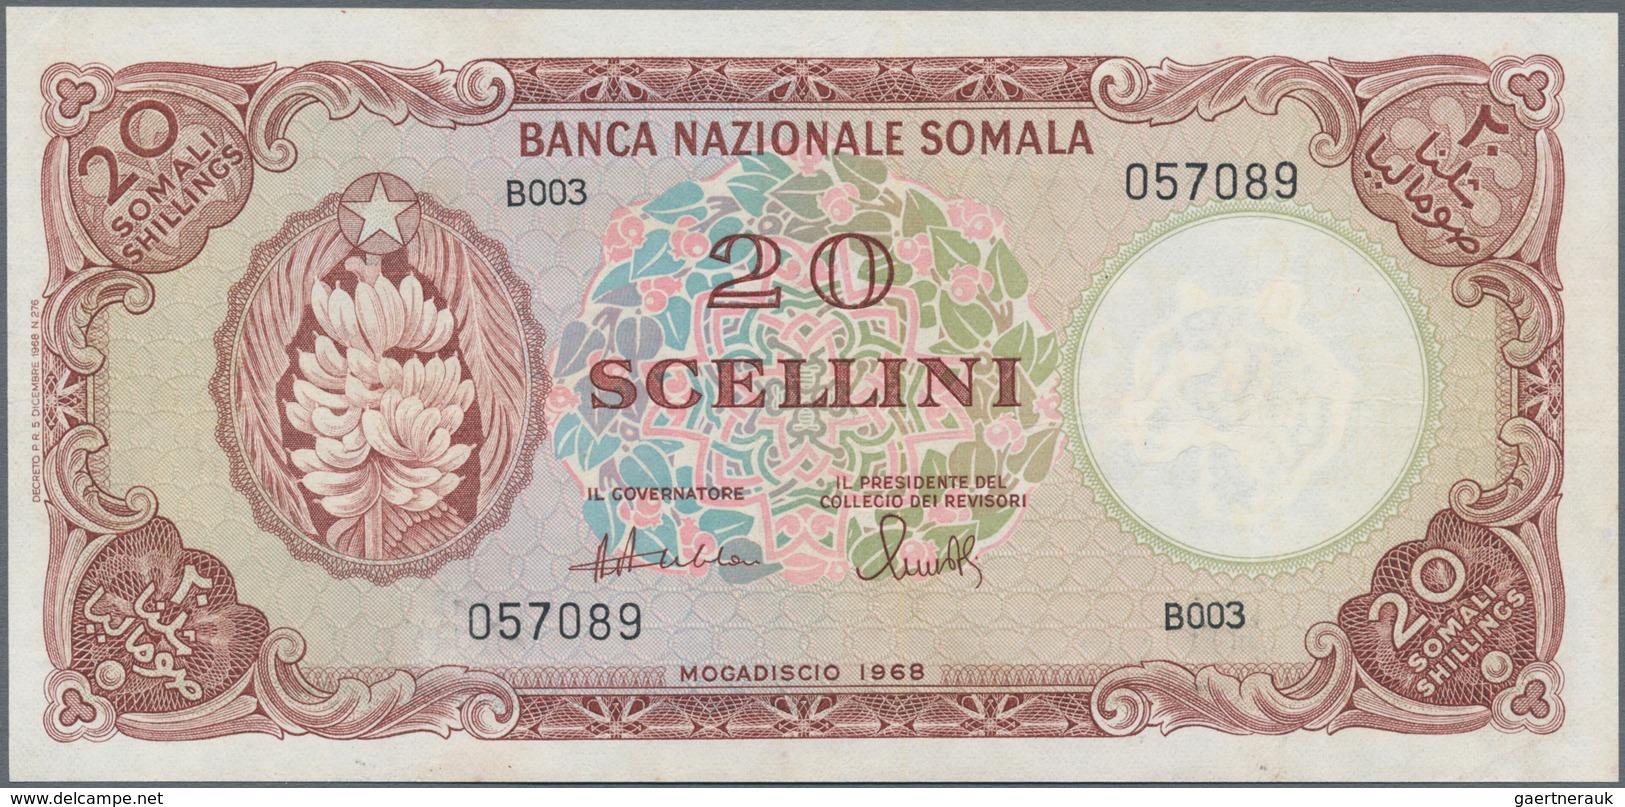 Somalia: Banca Nazionale Somala 20 Scellini 1968, P.11, Still Nice Condition With A Few Minor Spots - Somalia